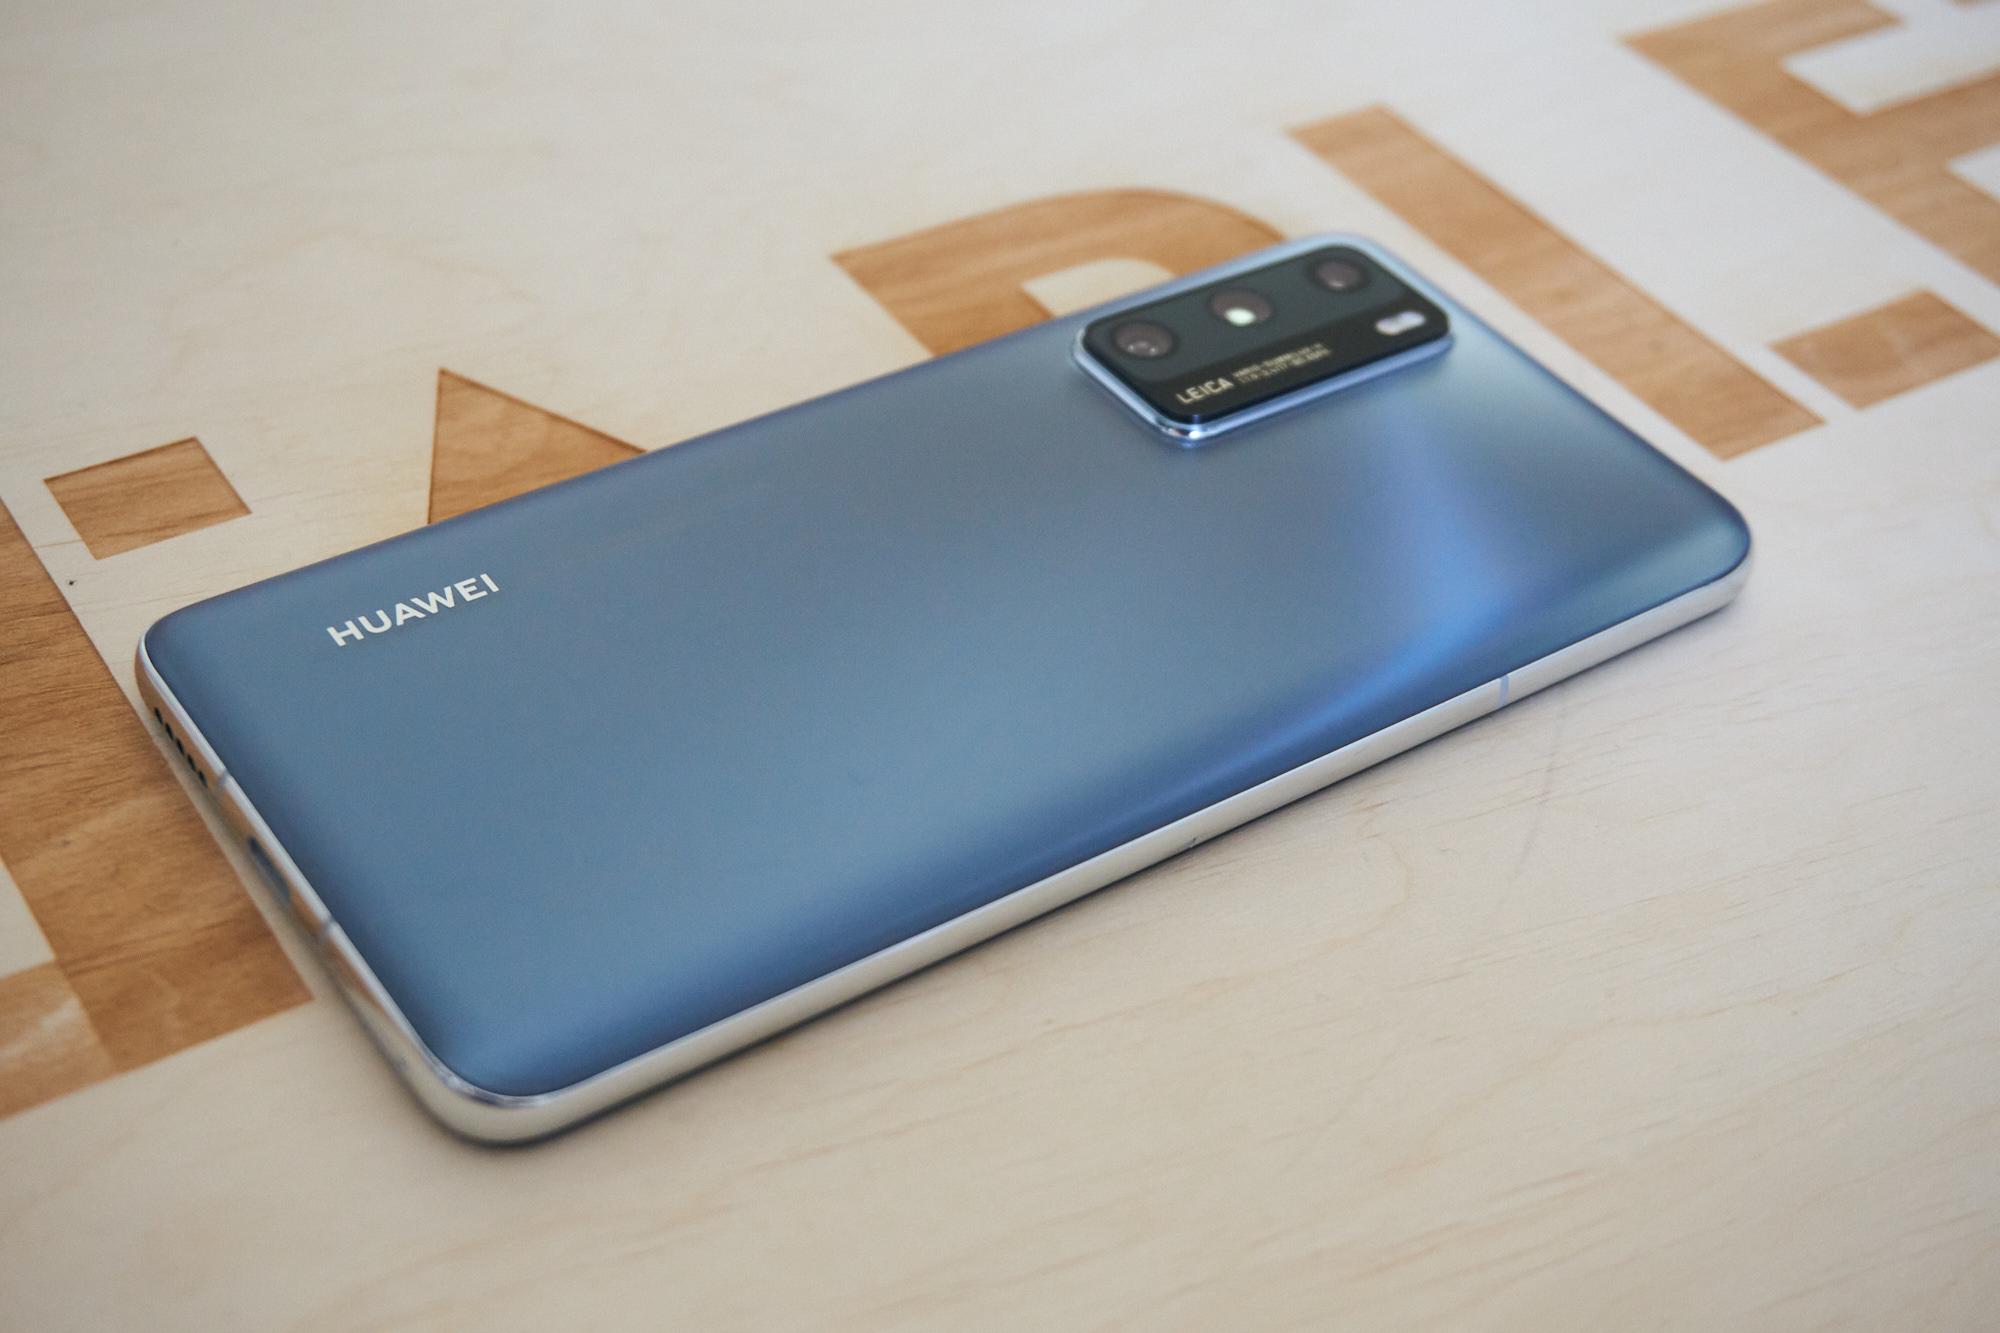 USA wymierzają Huawei kolejny cios. Chiny nie zamierzają na to biernie patrzeć 17